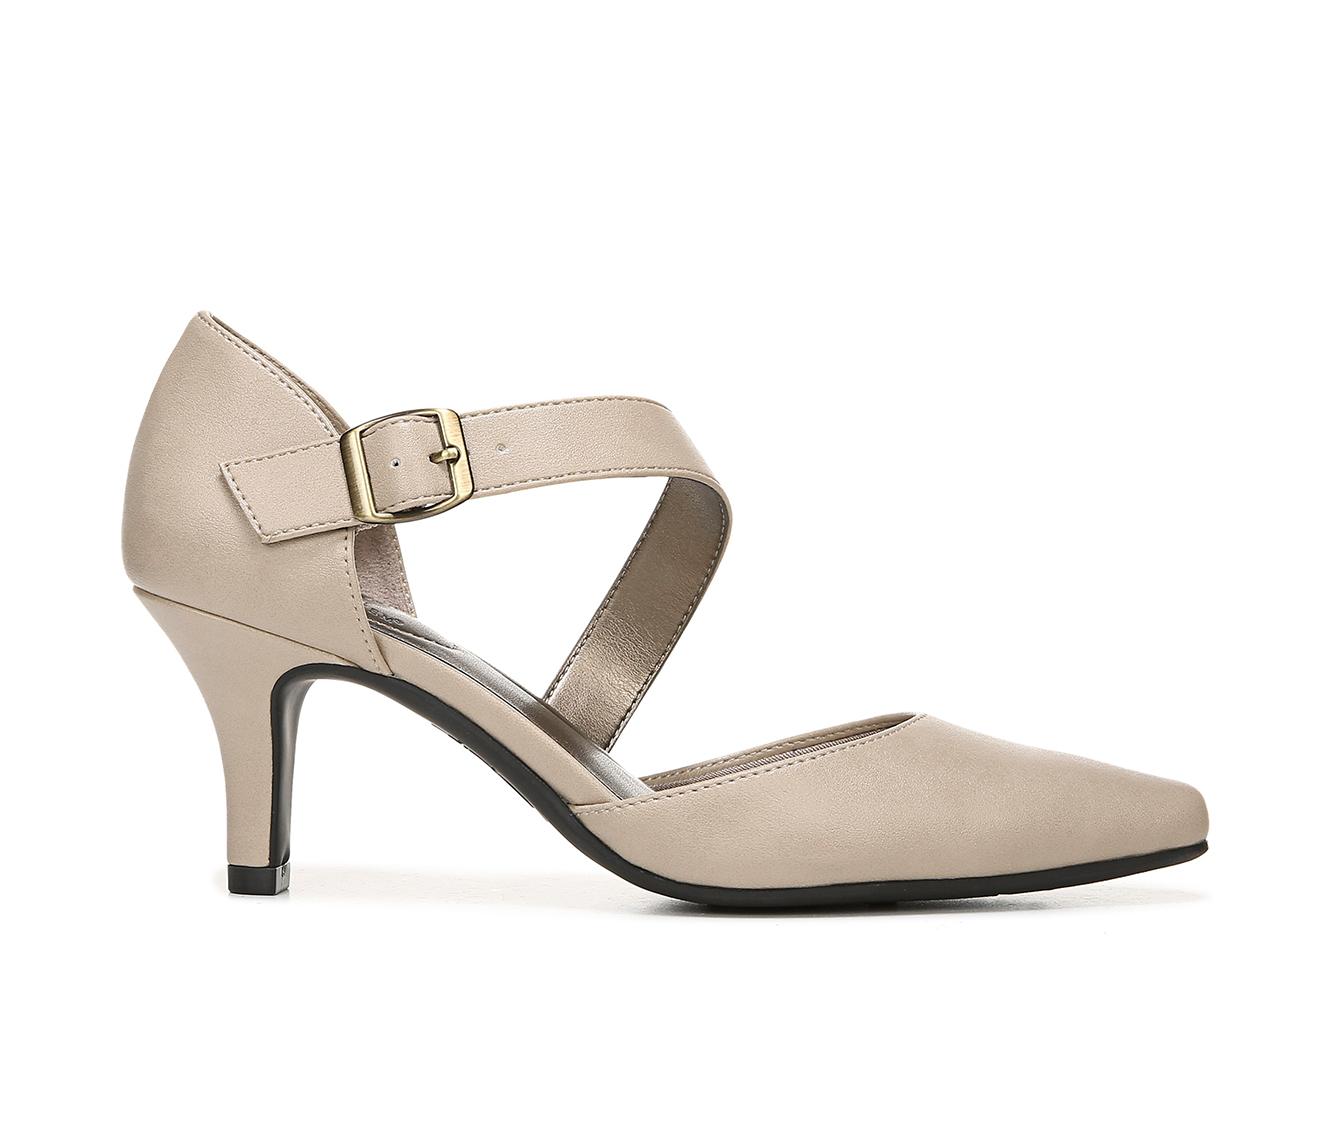 LifeStride Kamala Women's Dress Shoe (Beige Faux Leather)